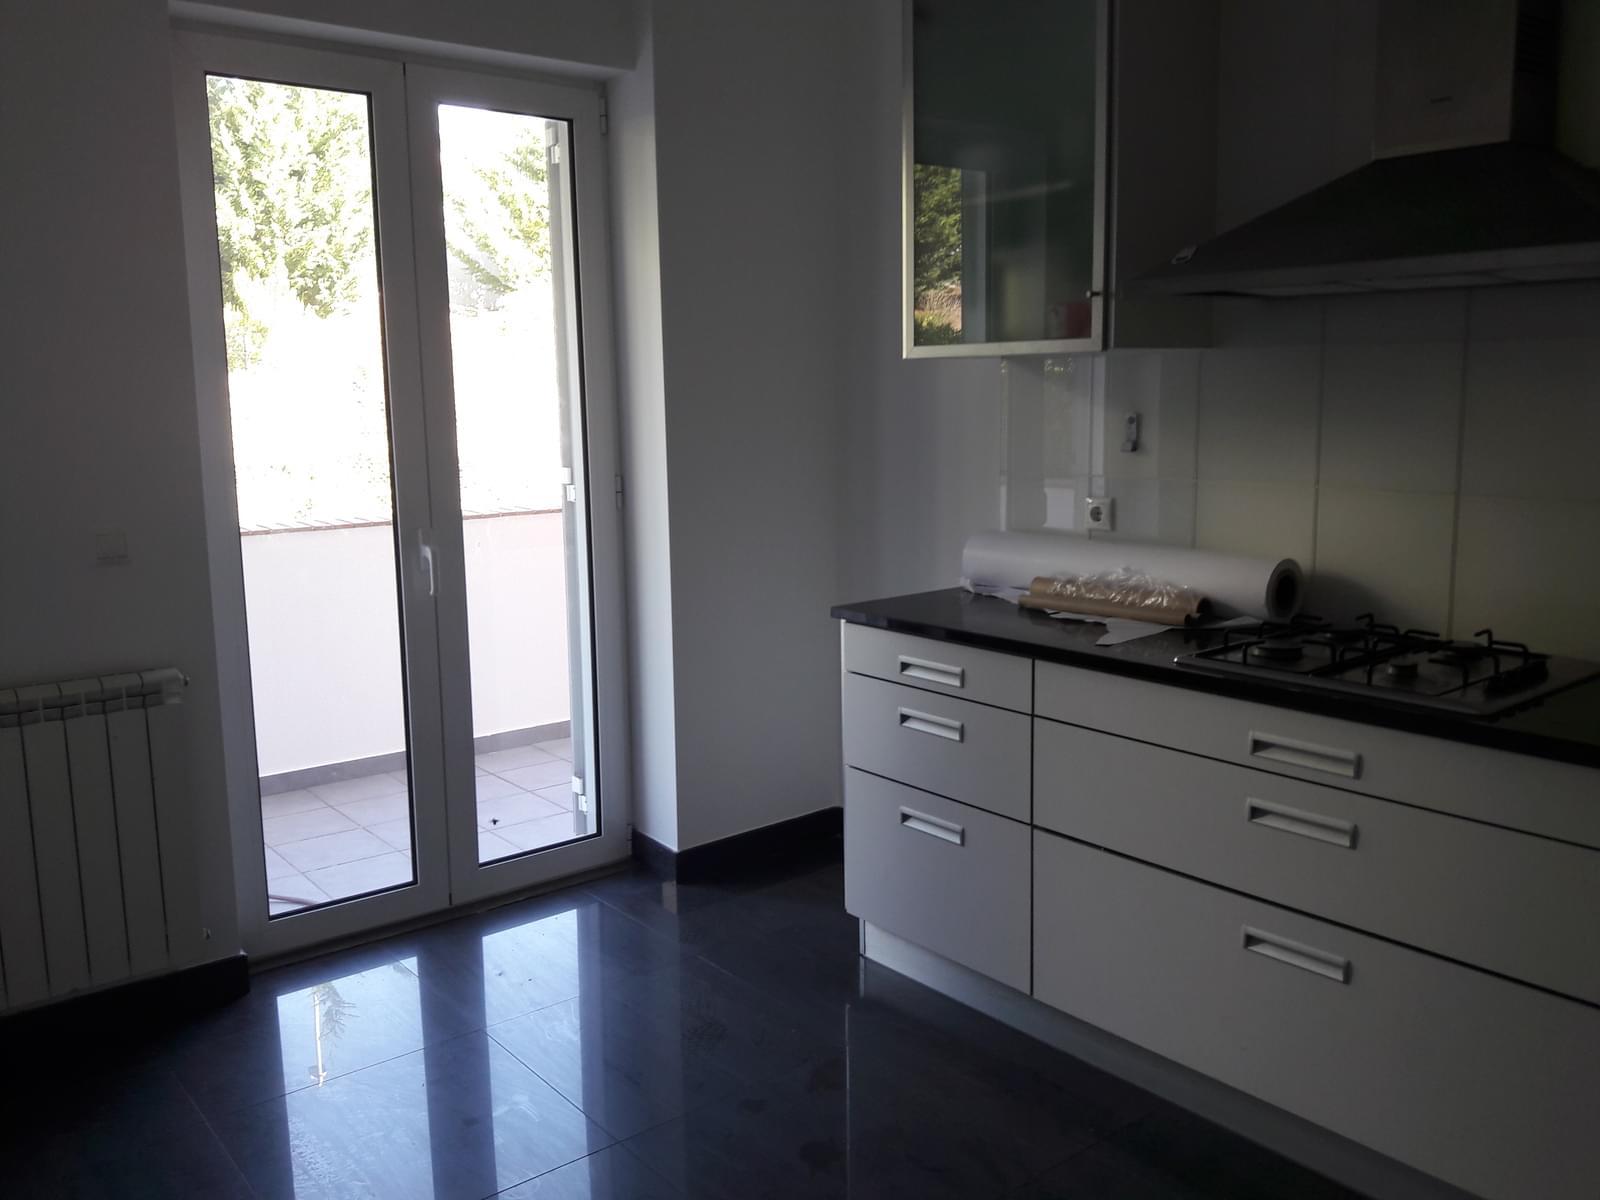 pf18057-apartamento-t3-sintra-e7ef324e-7790-4418-be6c-be716f7f82dd